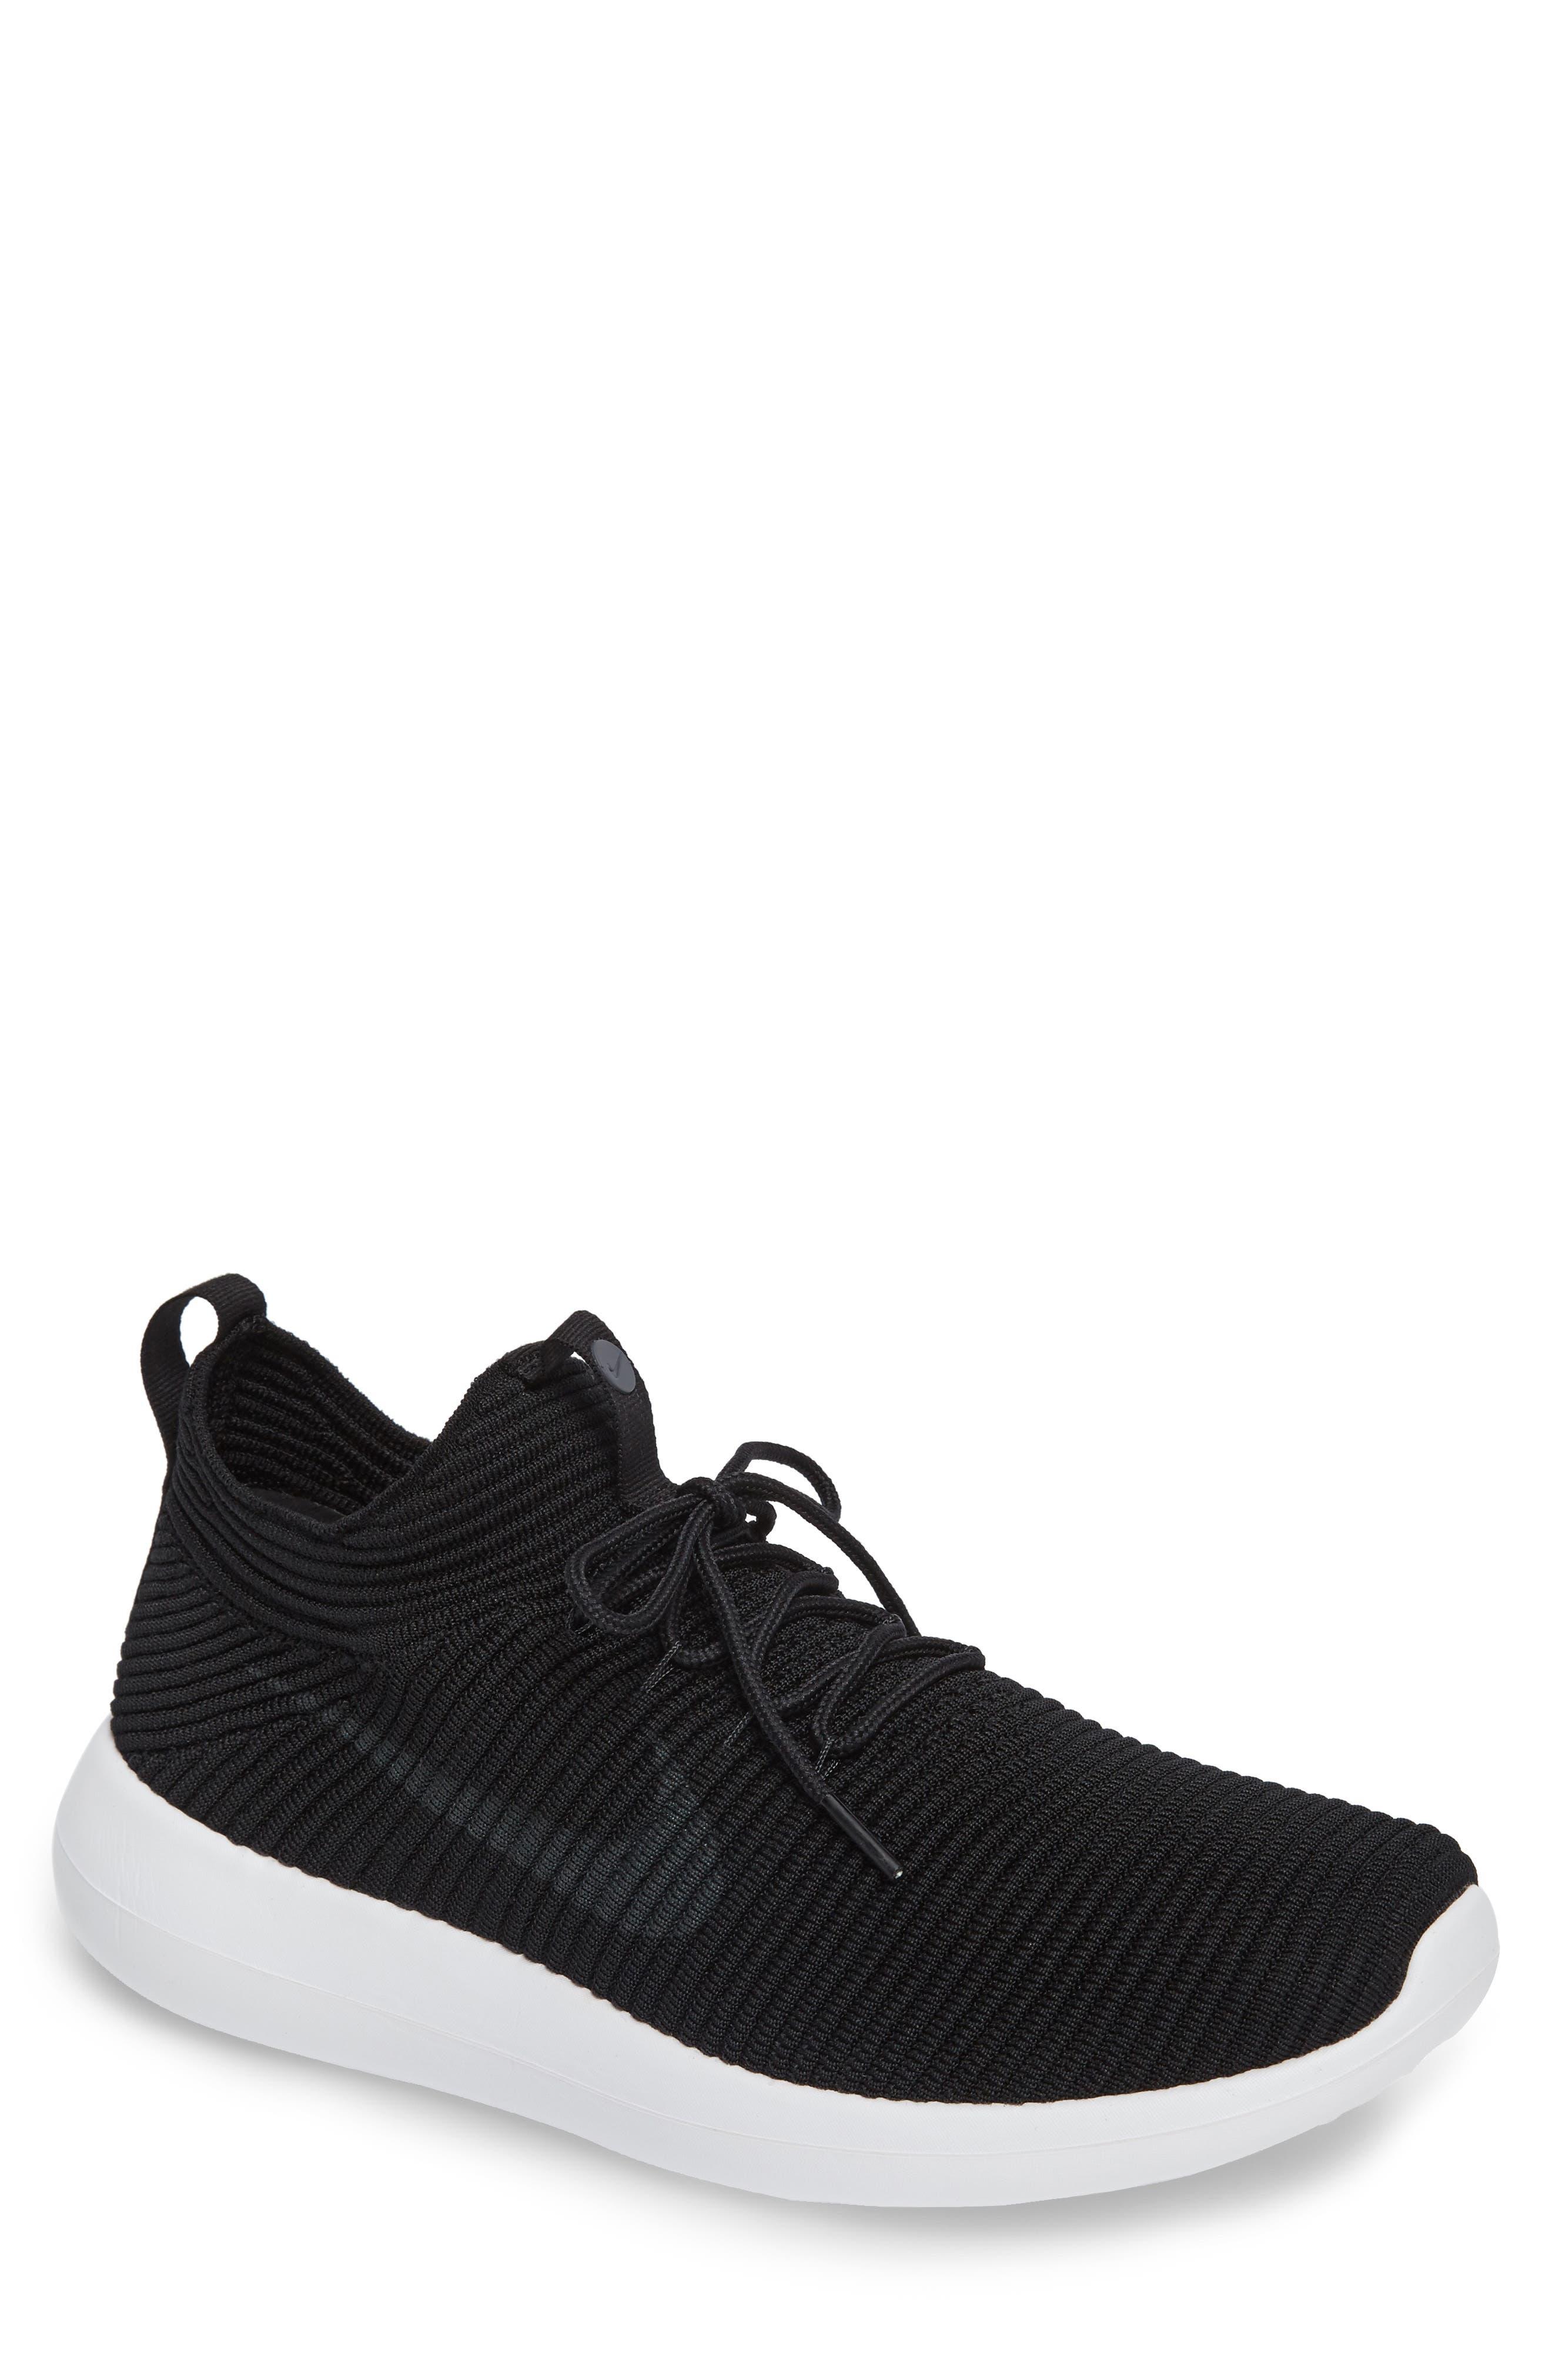 Alternate Image 1 Selected - Nike Roshe Two Flyknit V2 Sneaker (Men)